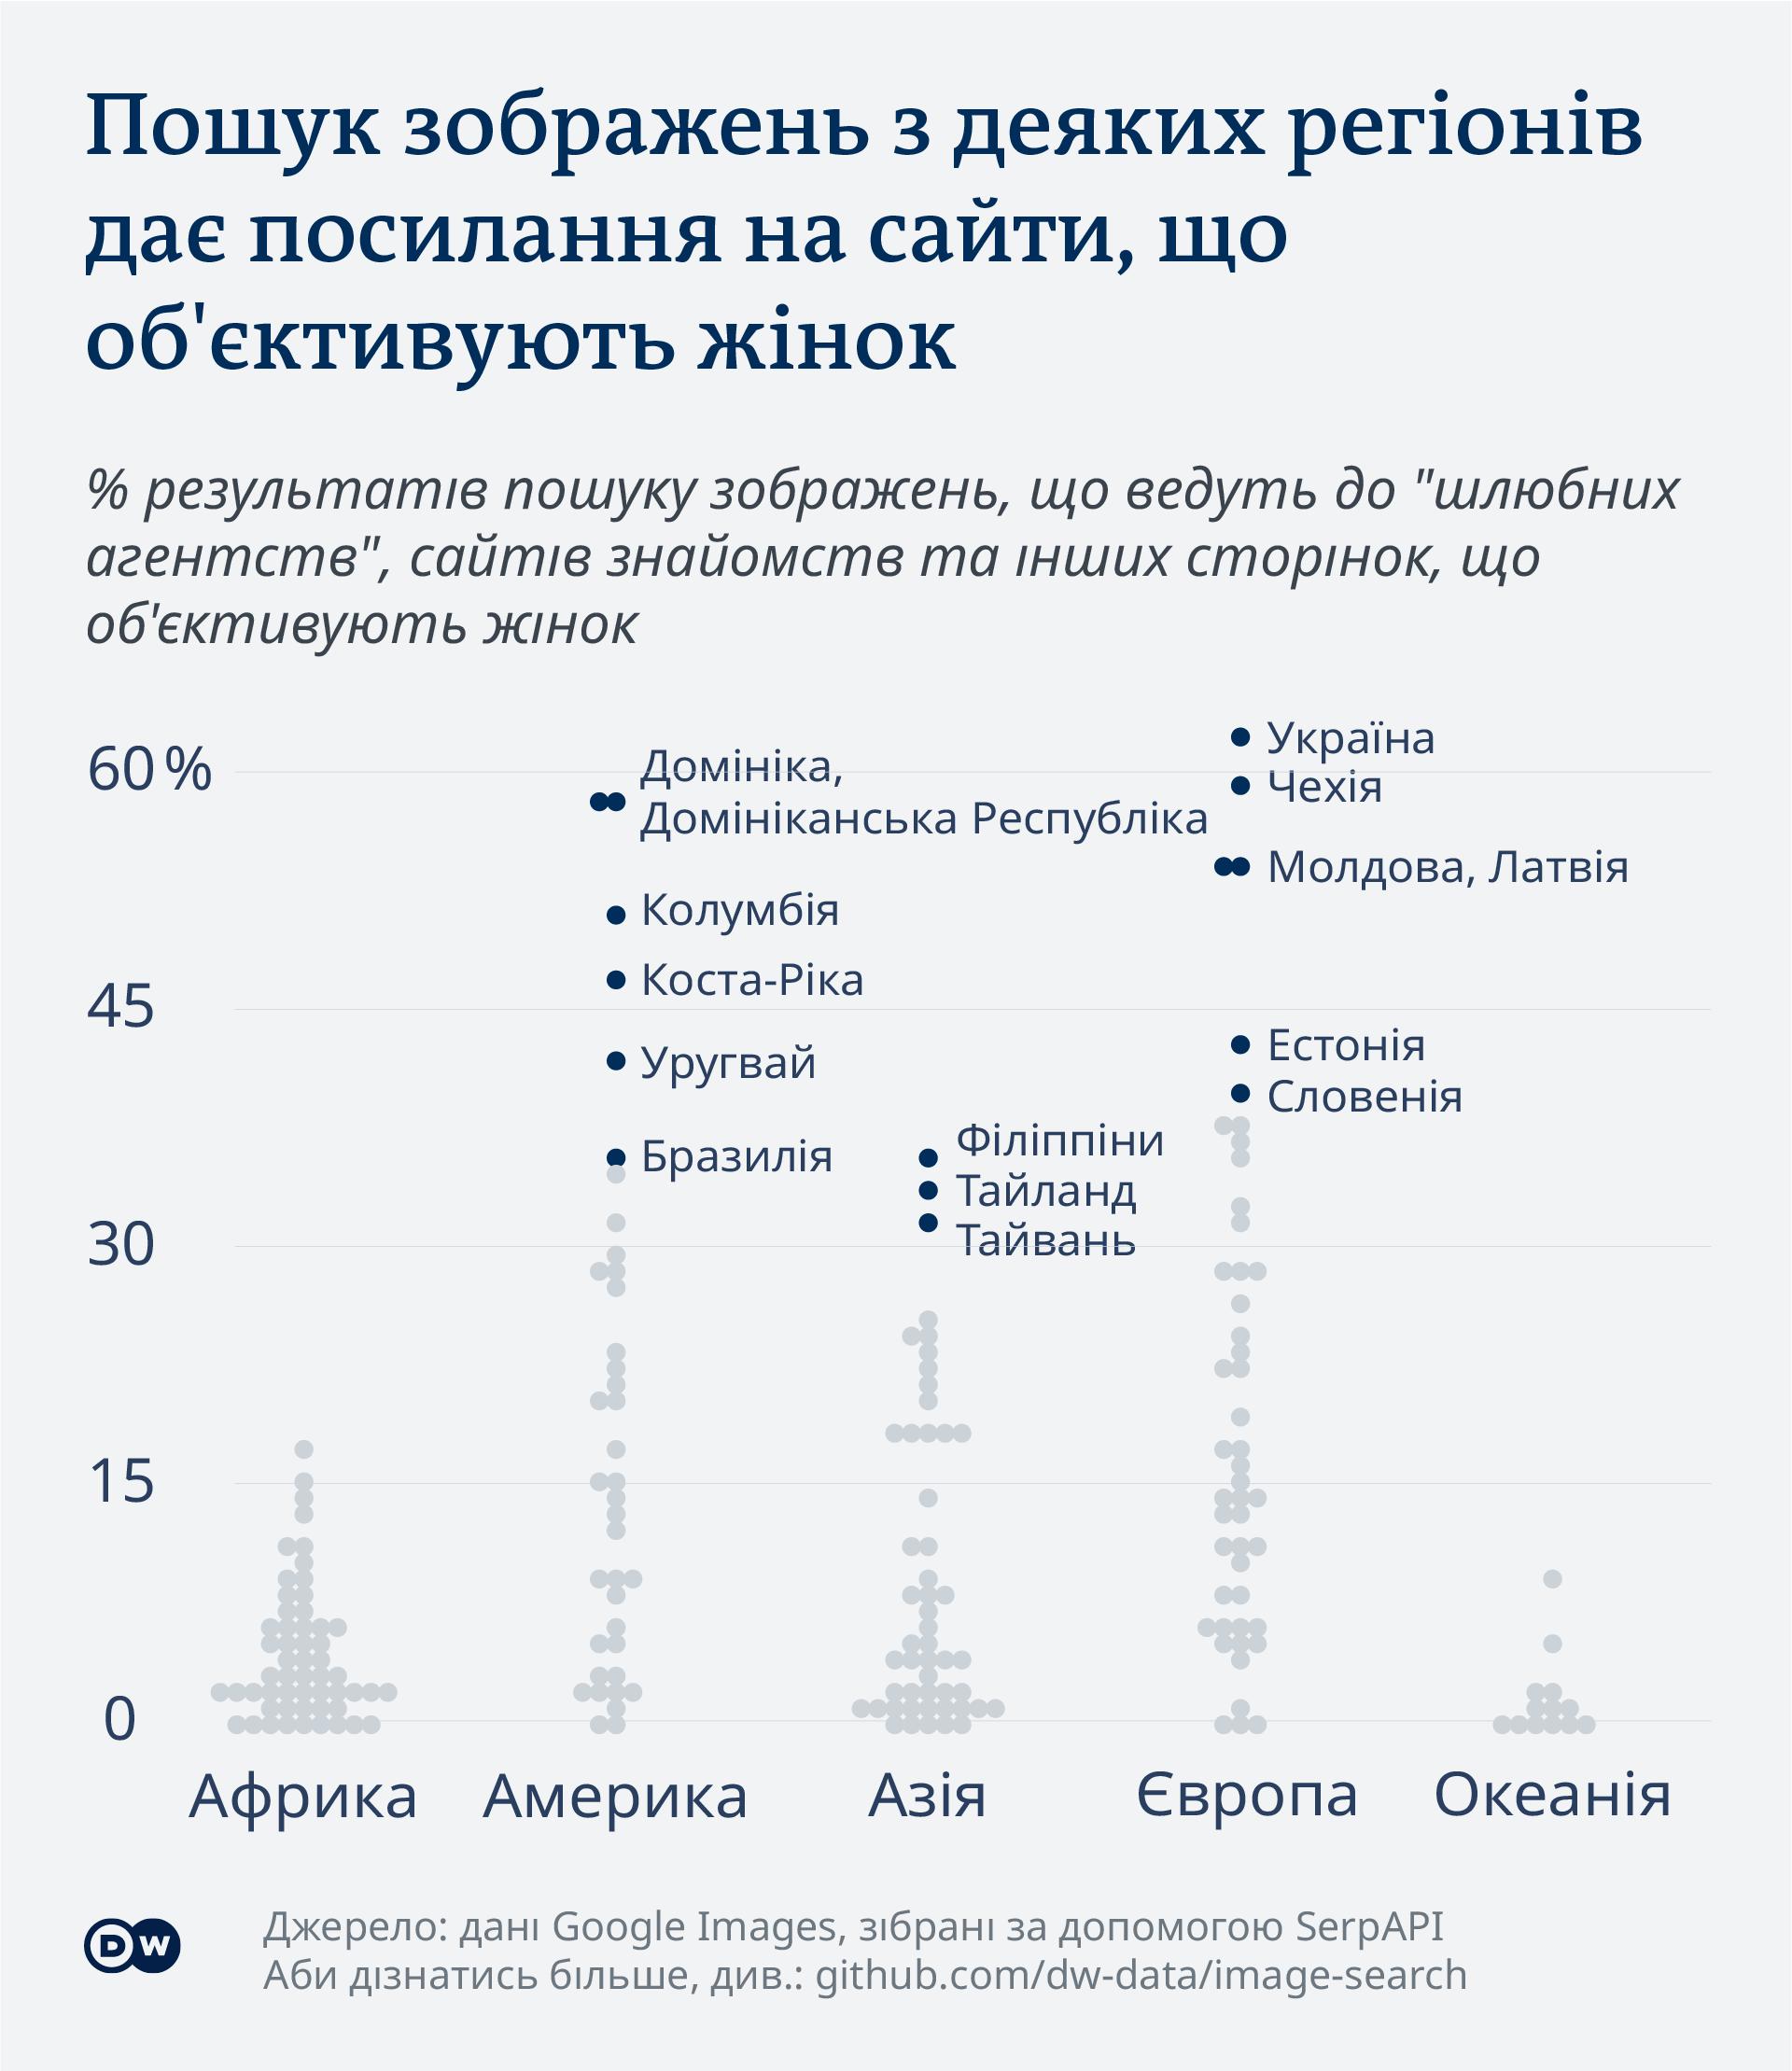 Інфографіка: Пошук зображень з деяких регіонів дає посилання на сайти, що об'єктивують жінок